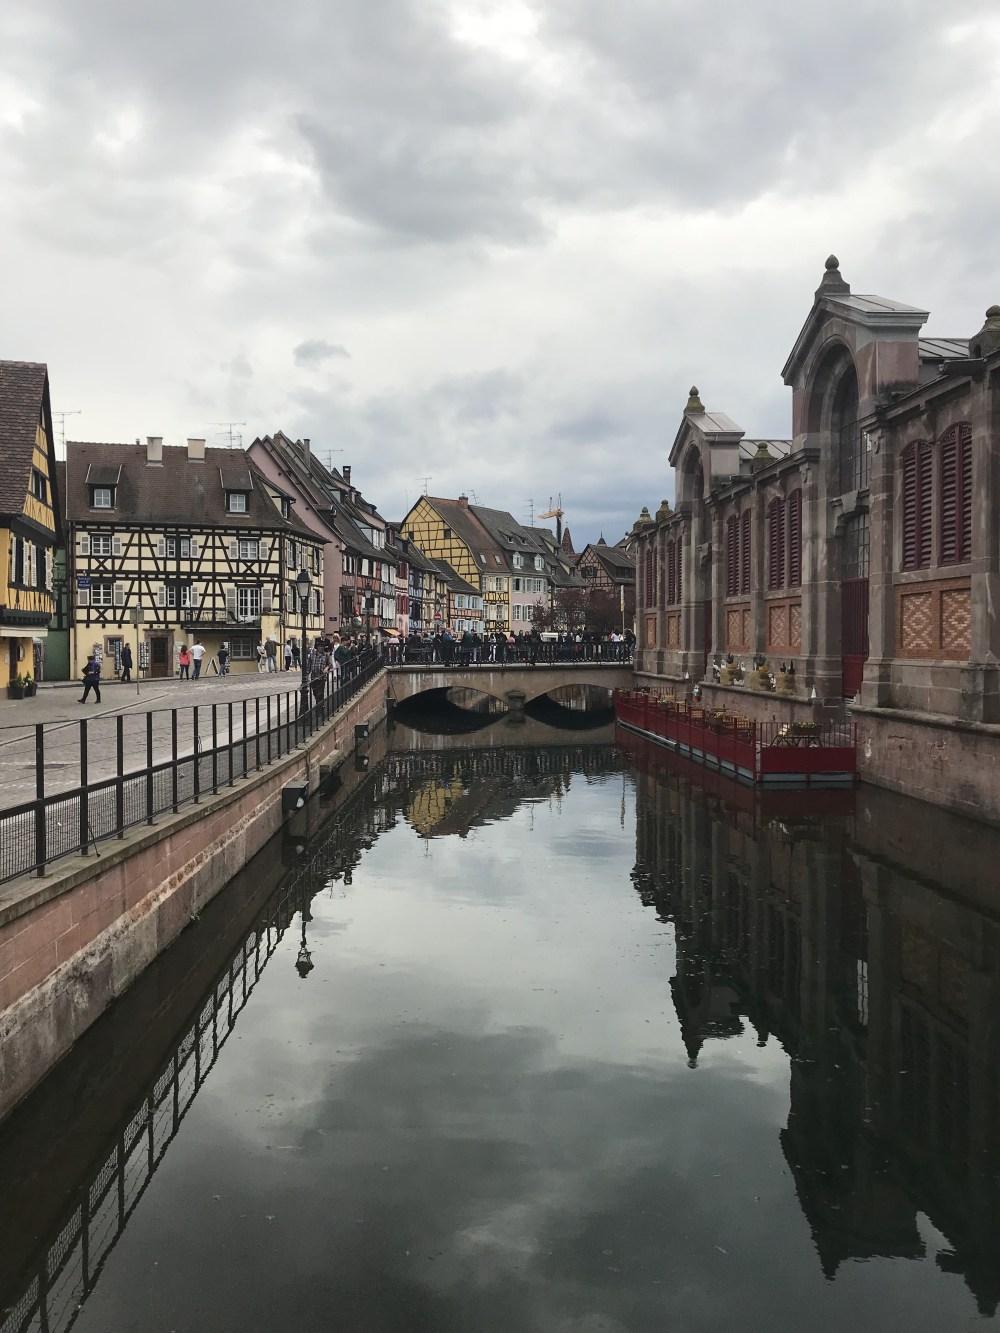 Marché Couvert de Colmar e a vista da varanda para o canal